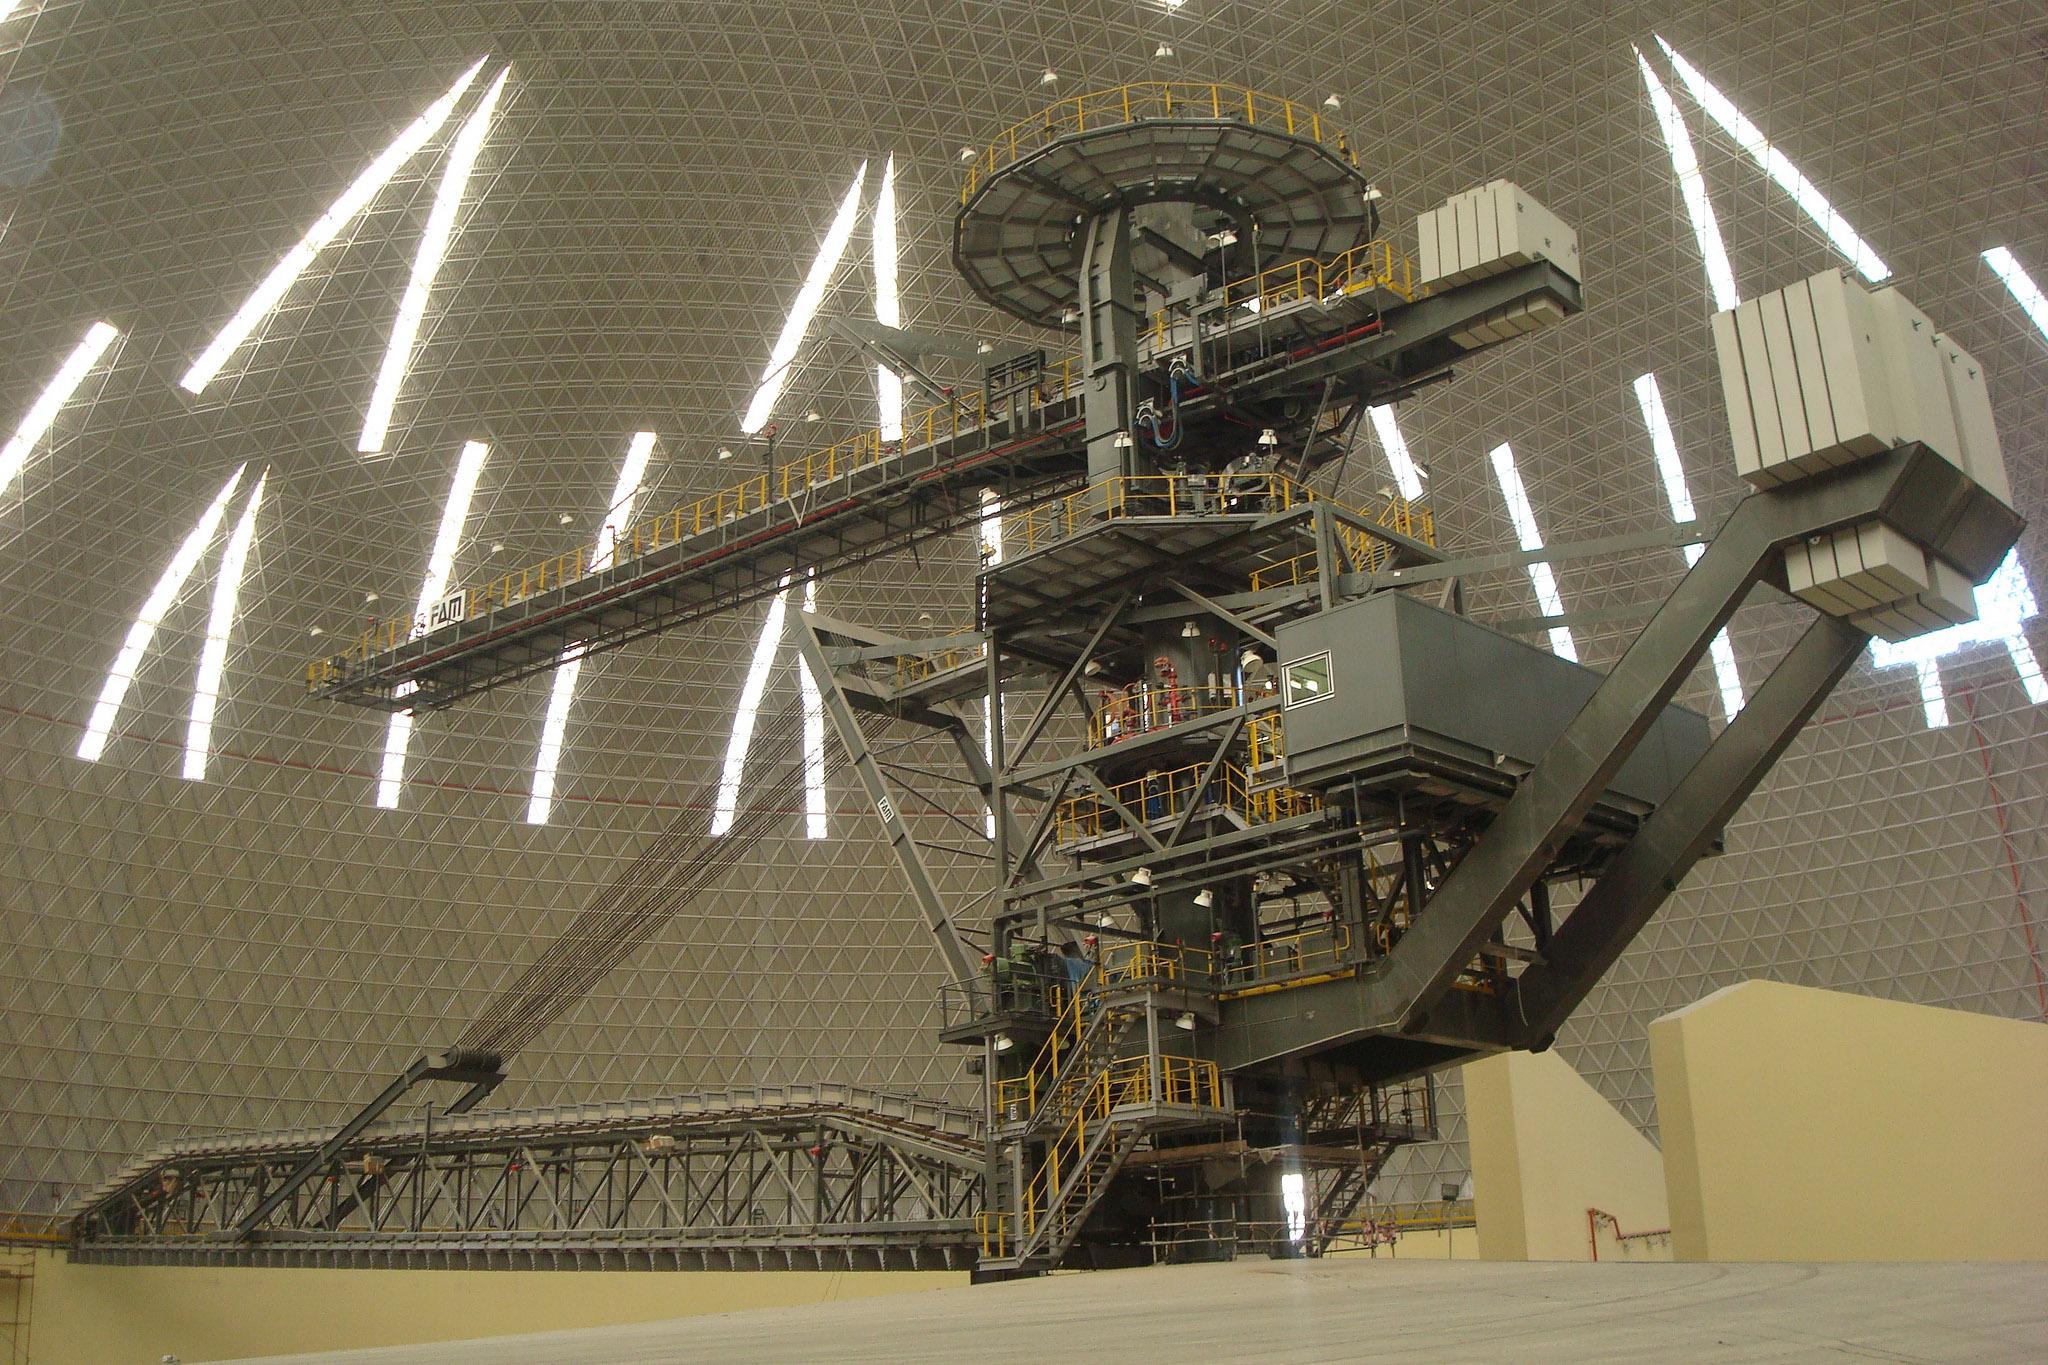 135m diameter sulphur storage dome, Abu Dhabi